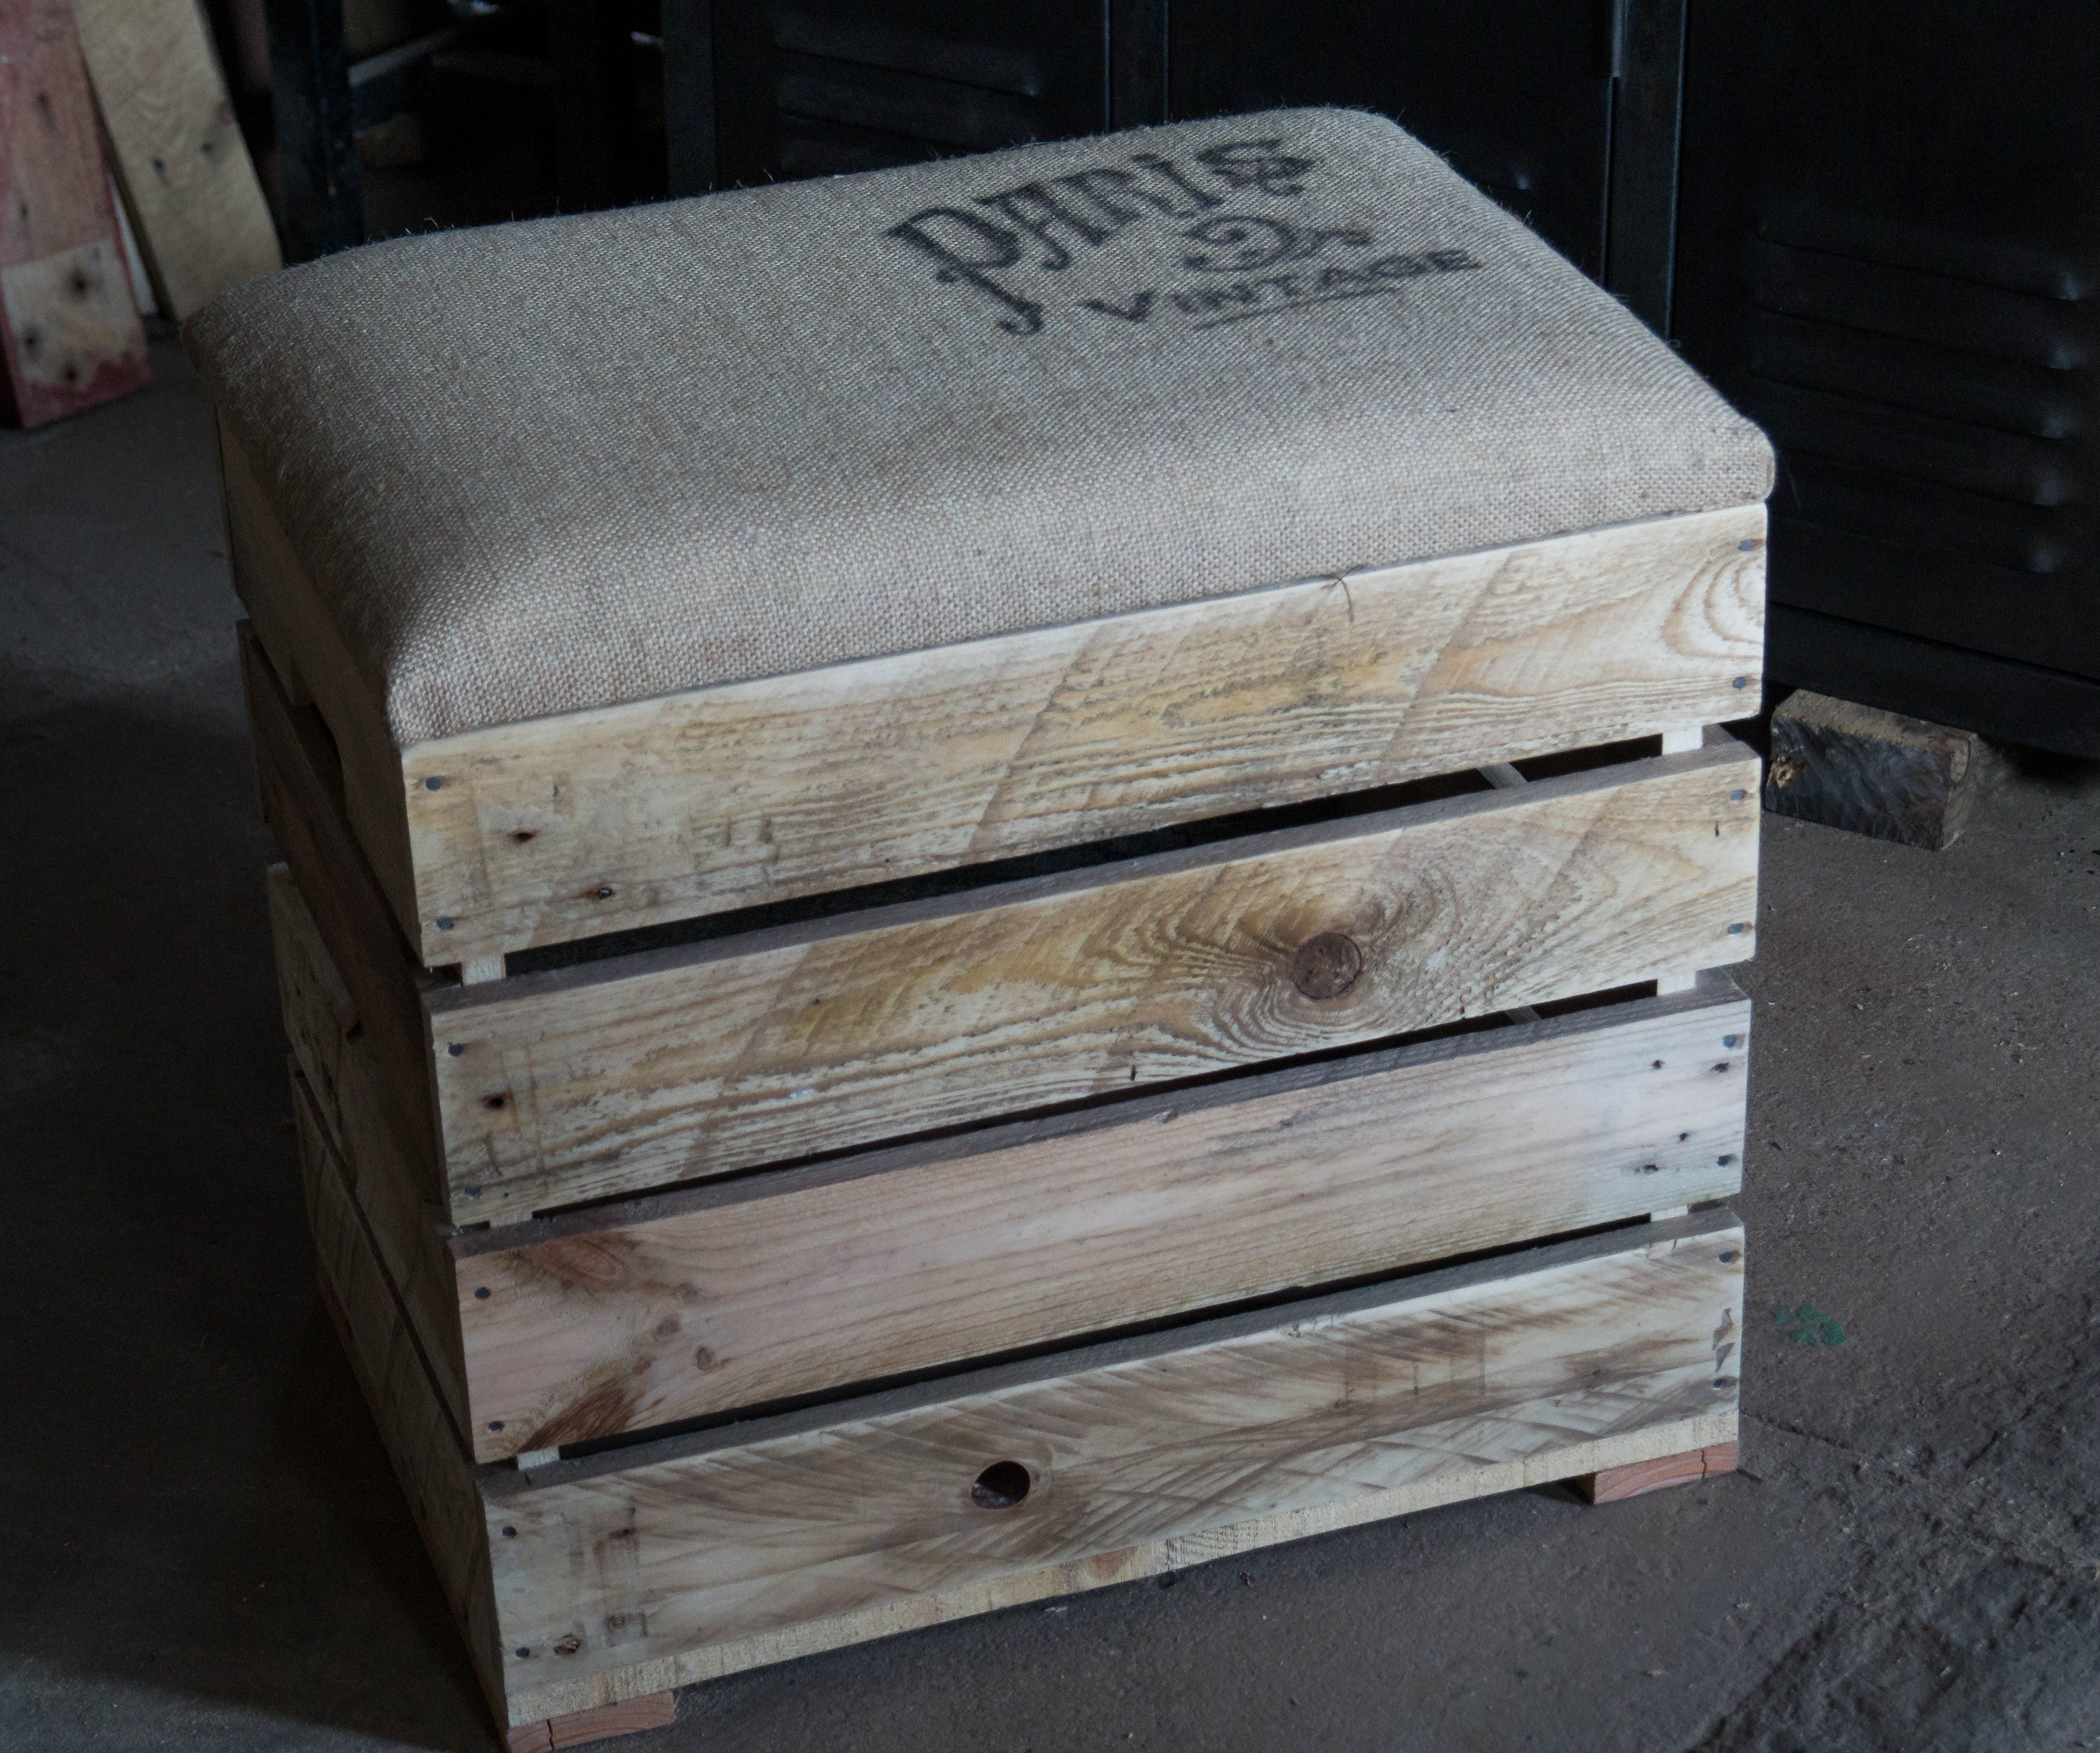 les 25 meilleures id es de la cat gorie coffre bois sur pinterest coffre en bois diy coffres. Black Bedroom Furniture Sets. Home Design Ideas